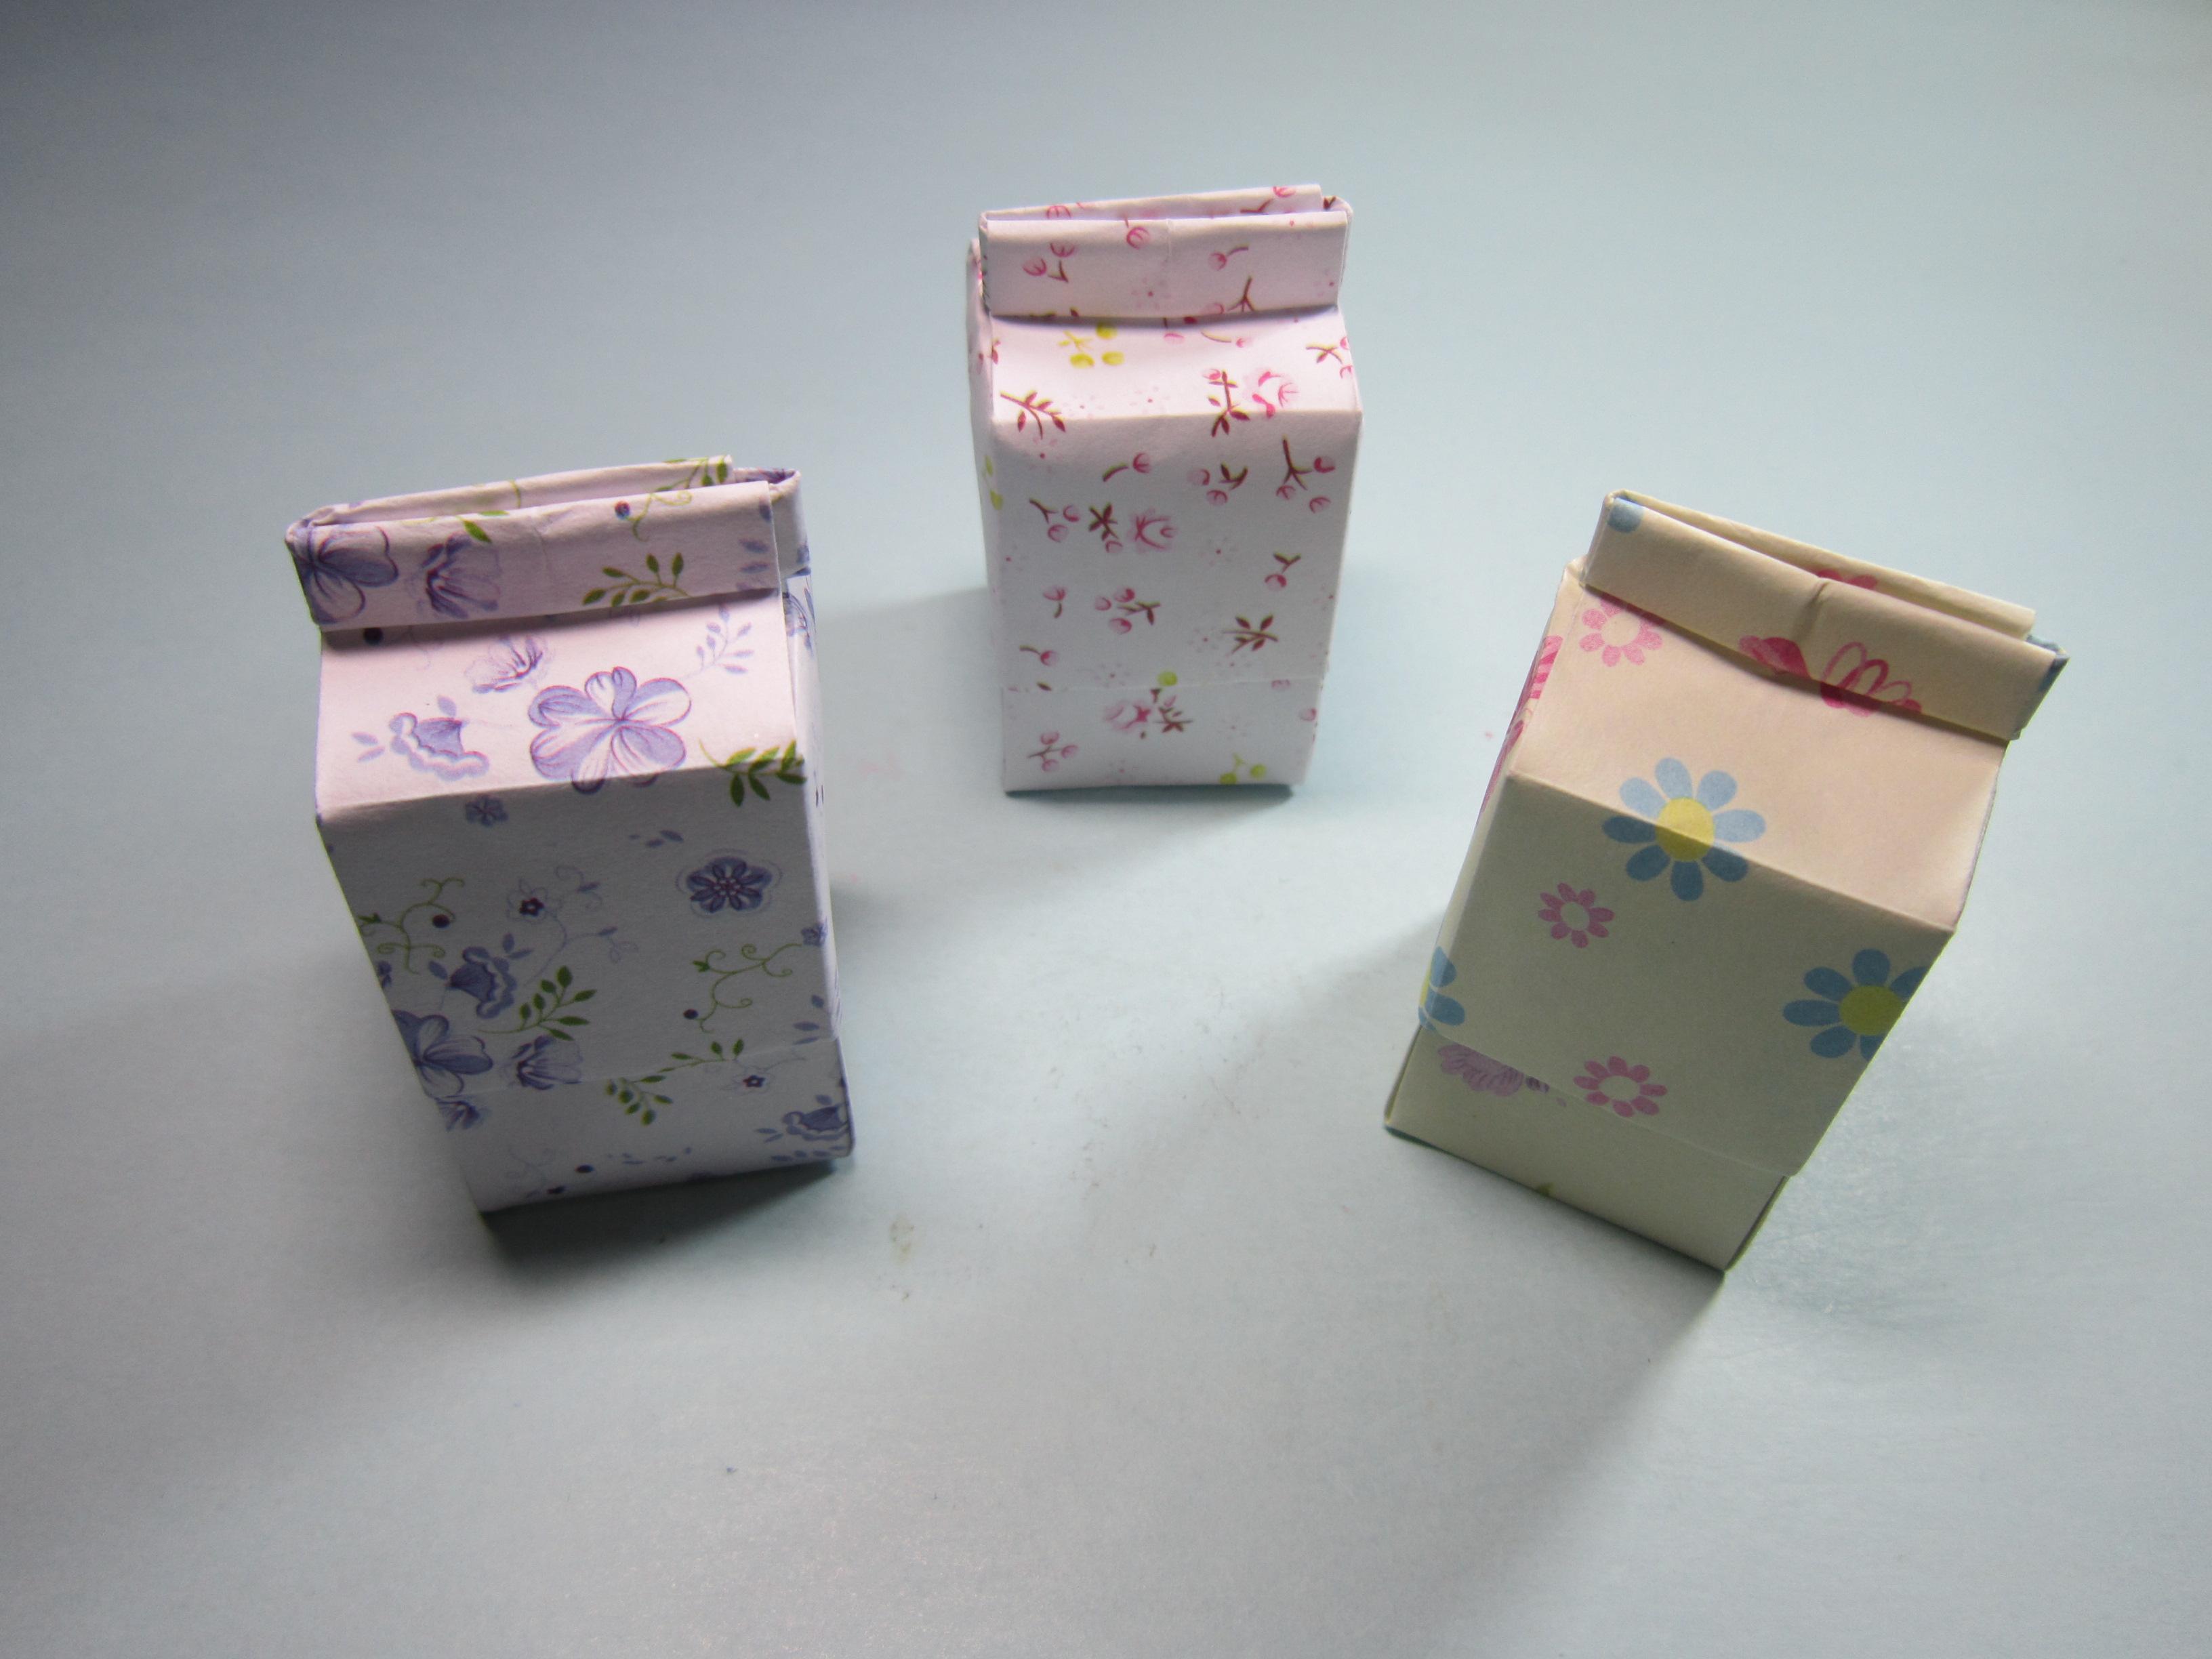 儿童手工折纸牛奶盒,简单漂亮牛奶纸盒的折法